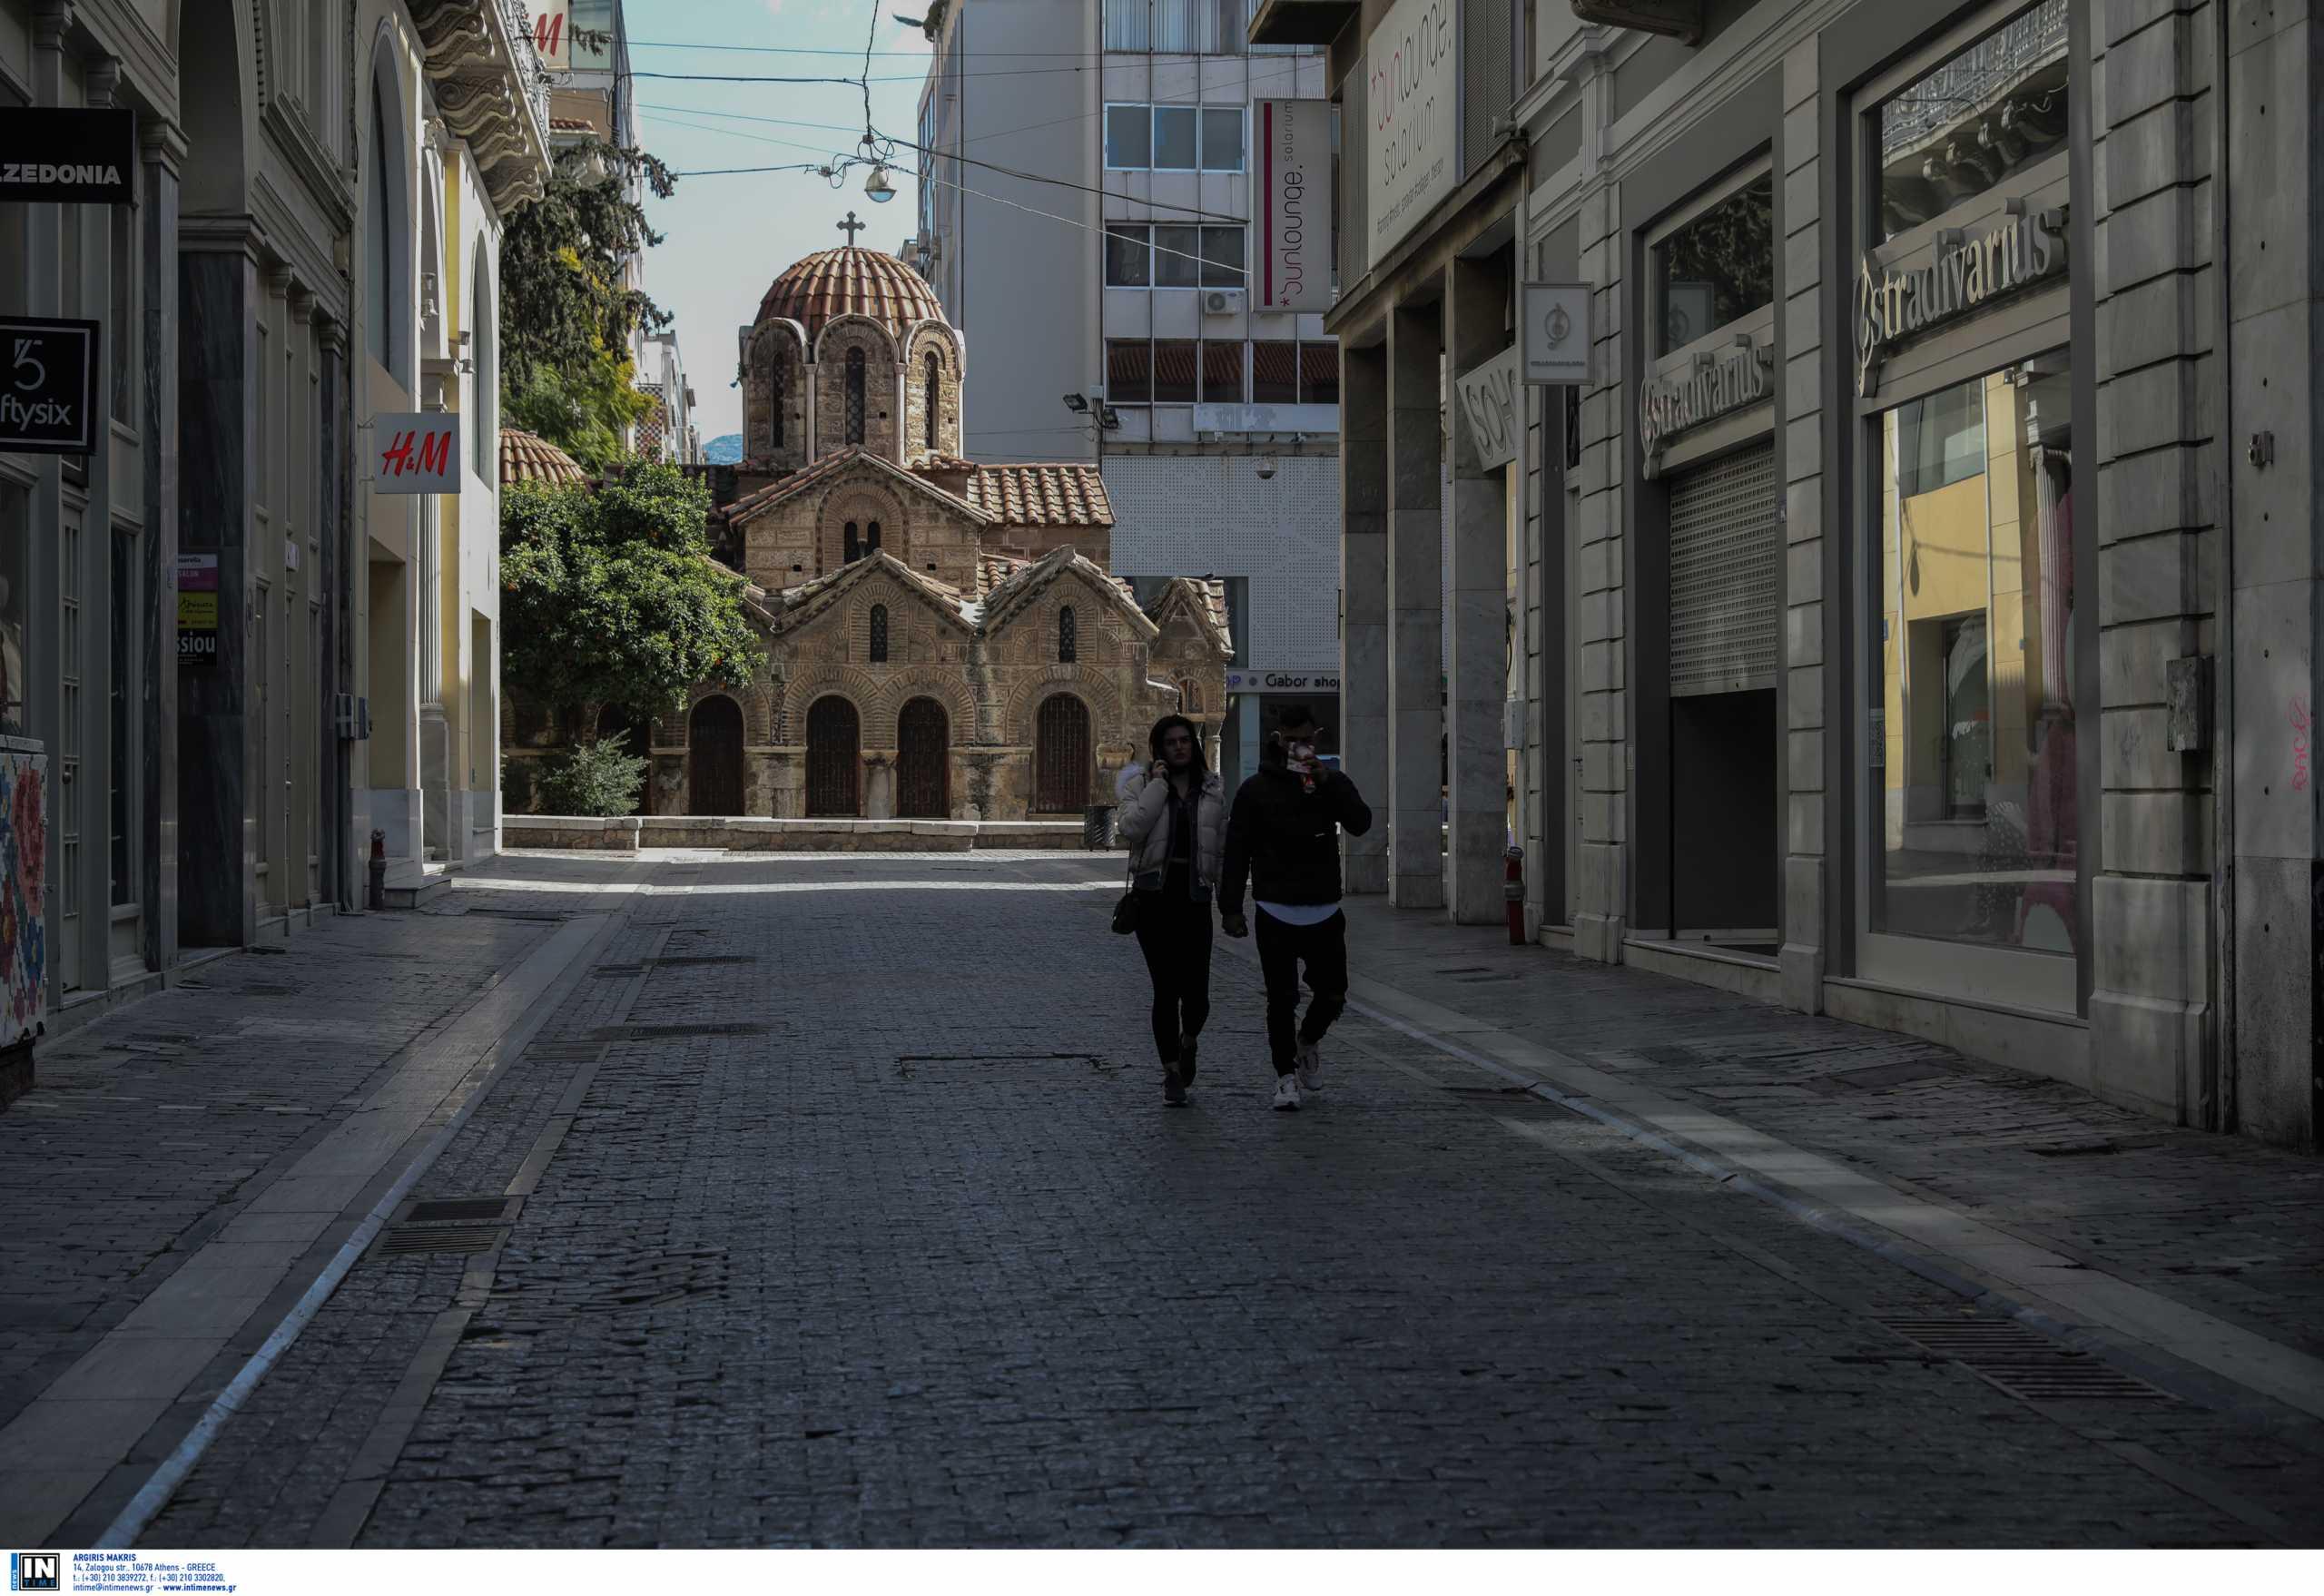 Κορονοϊός: Ανησυχία για την αύξηση των κρουσμάτων με στελέχη του συνδυασμού νοτιαφρικανικής και βραζιλιάνικης μετάλλαξης